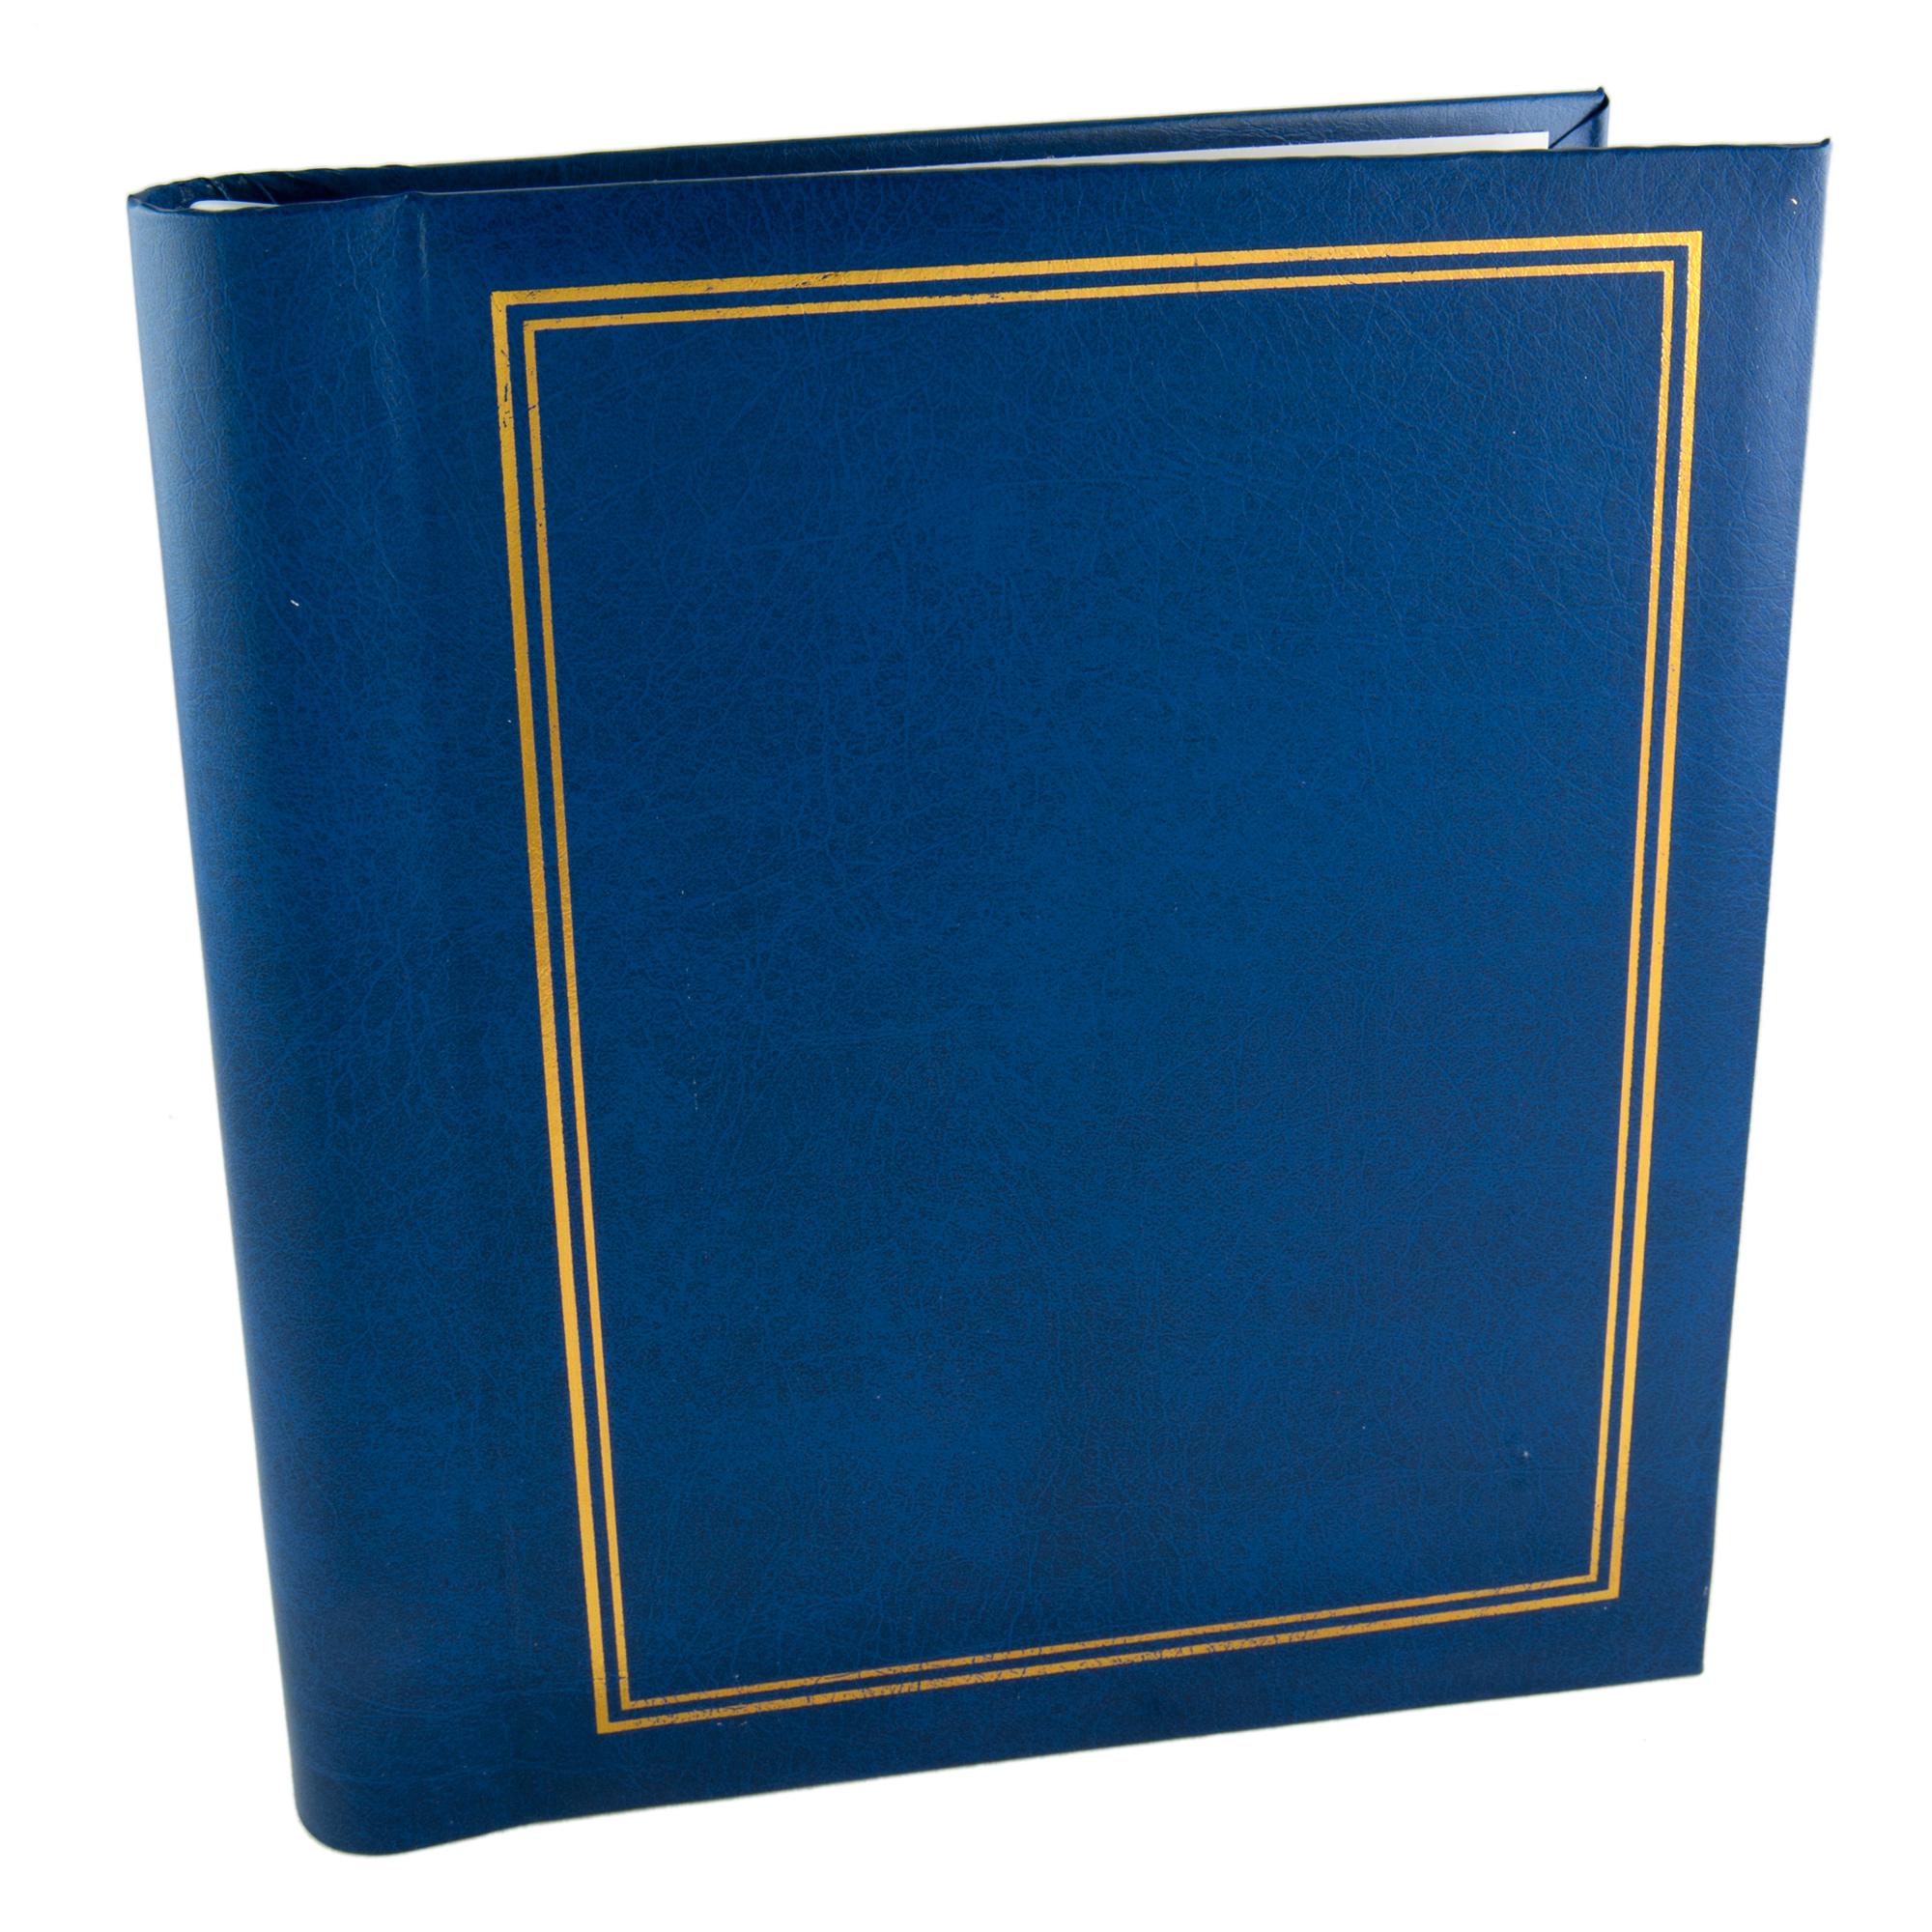 Фотоальбом Platinum Однотонный, магнитный, 20 листов, 20 x 26 см20 листов 9821V Однотонные (2М1417)Фотоальбом на 20 магнитных листов, размер 23 х 28 см.